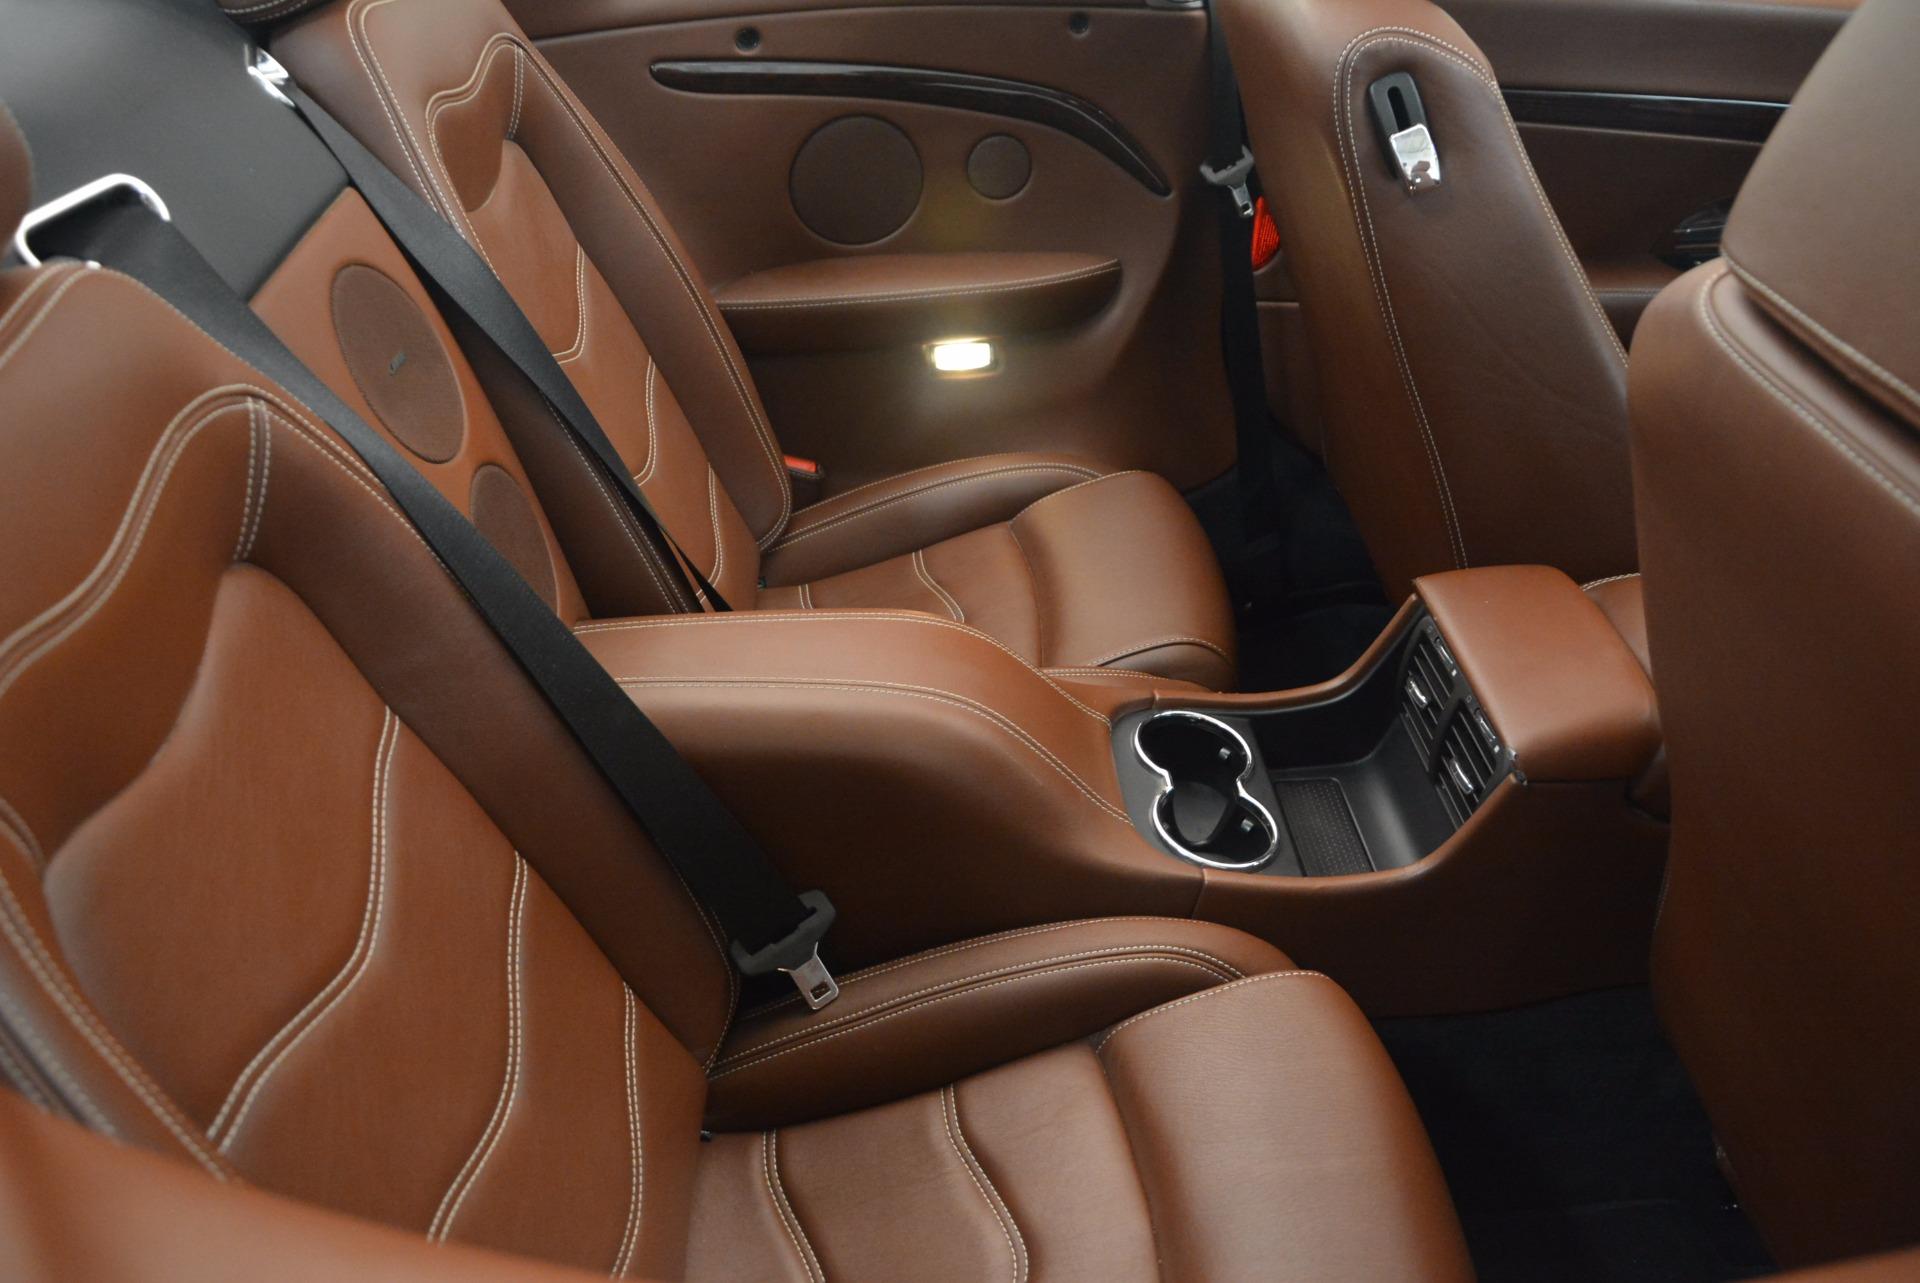 Used 2012 Maserati GranTurismo Sport For Sale In Westport, CT 1097_p32